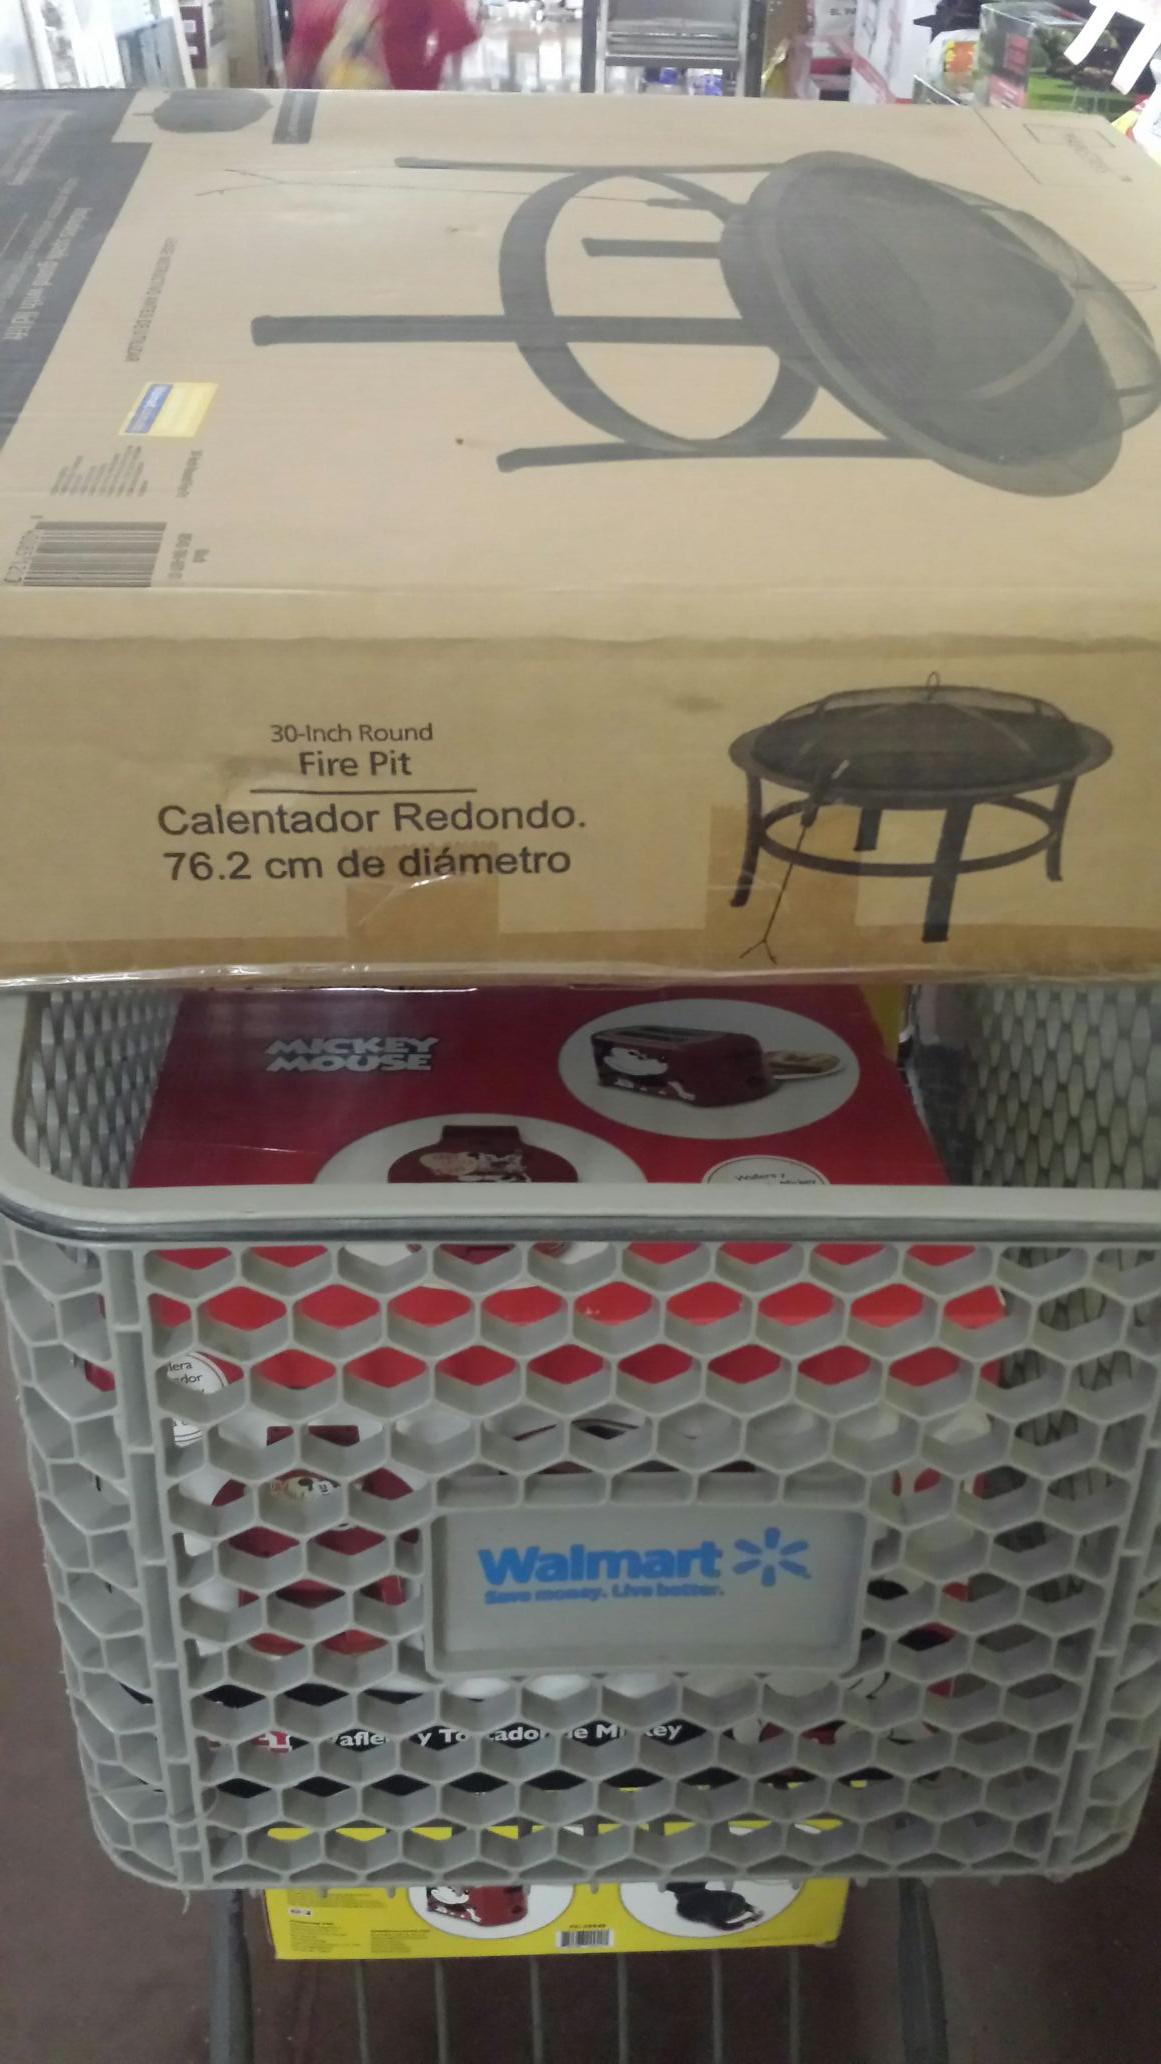 Walmart Sendero Mty.-fire pit 149.01y tostador micky 200.01 ofertas ya expiradas hace meses